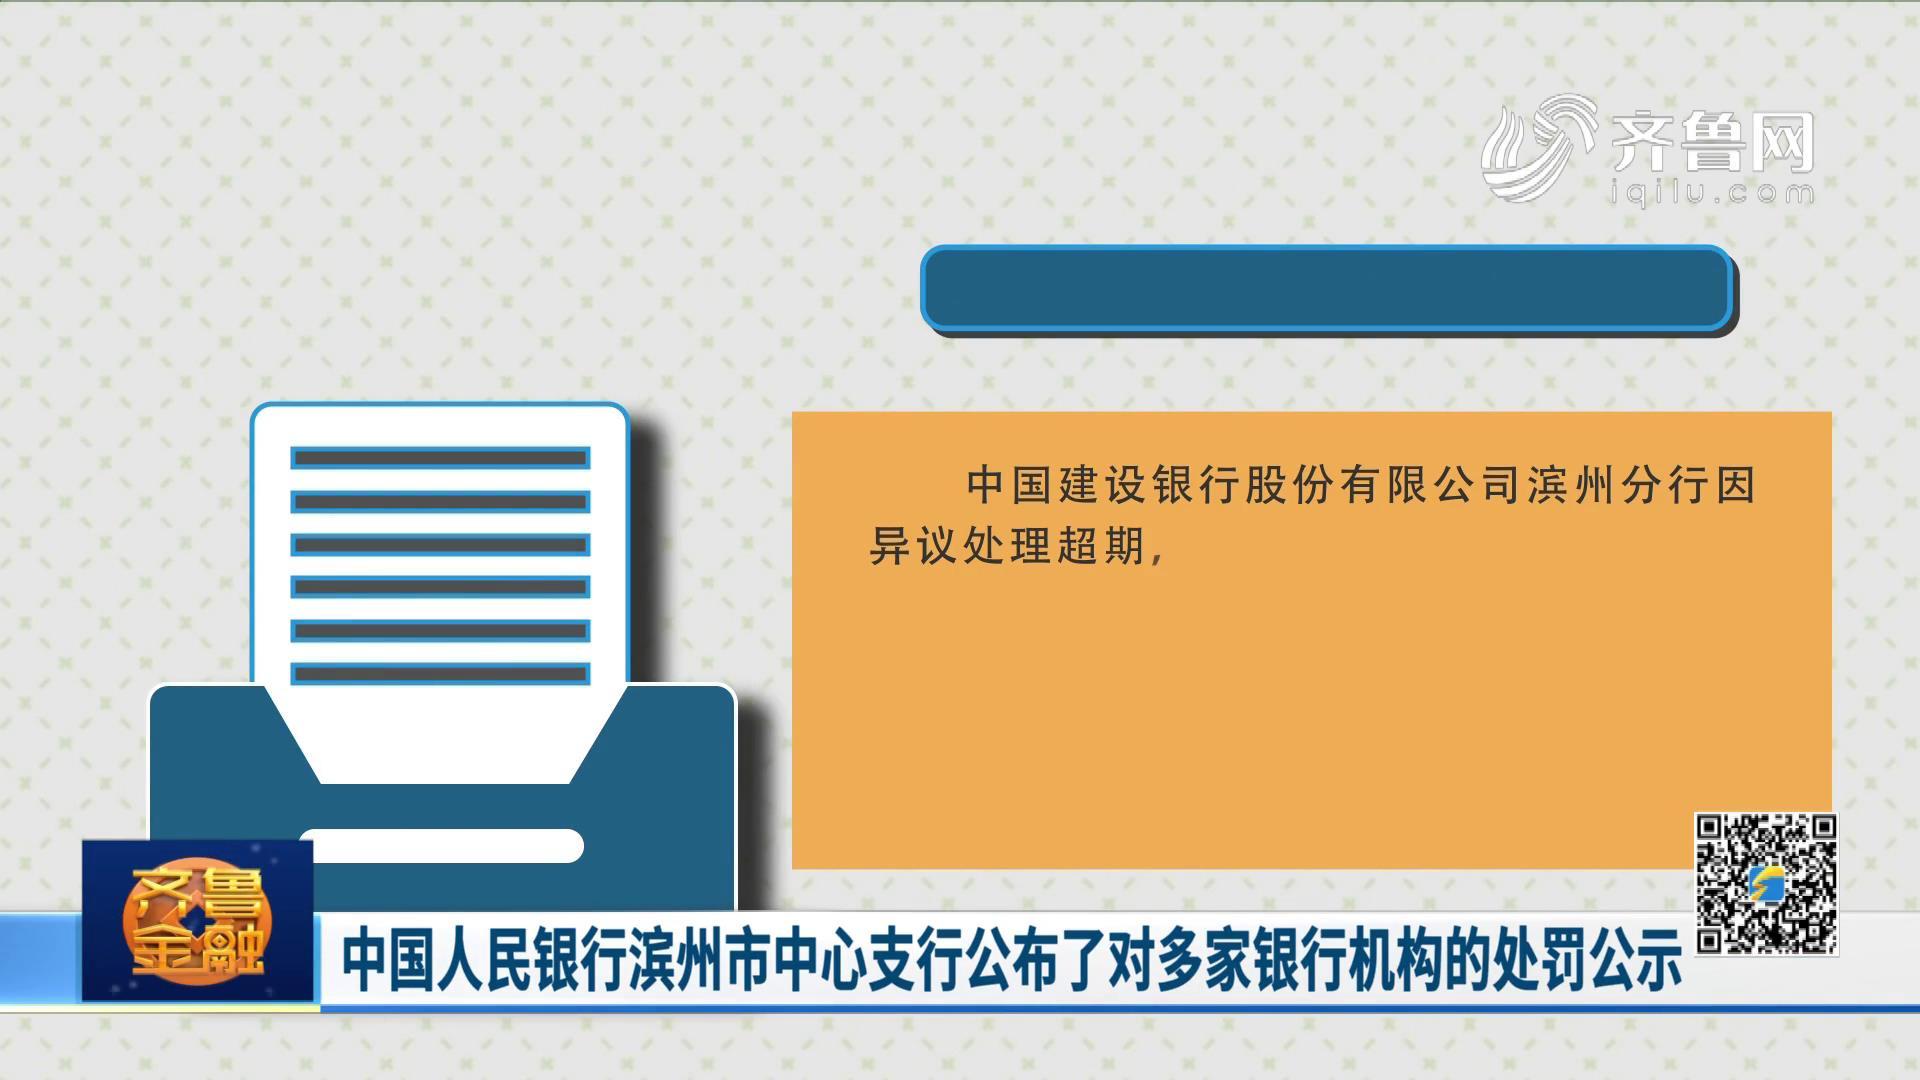 中国人民银行滨州市中心支行公布了对多家银行机构的处罚公示《齐鲁金融》20201104播出